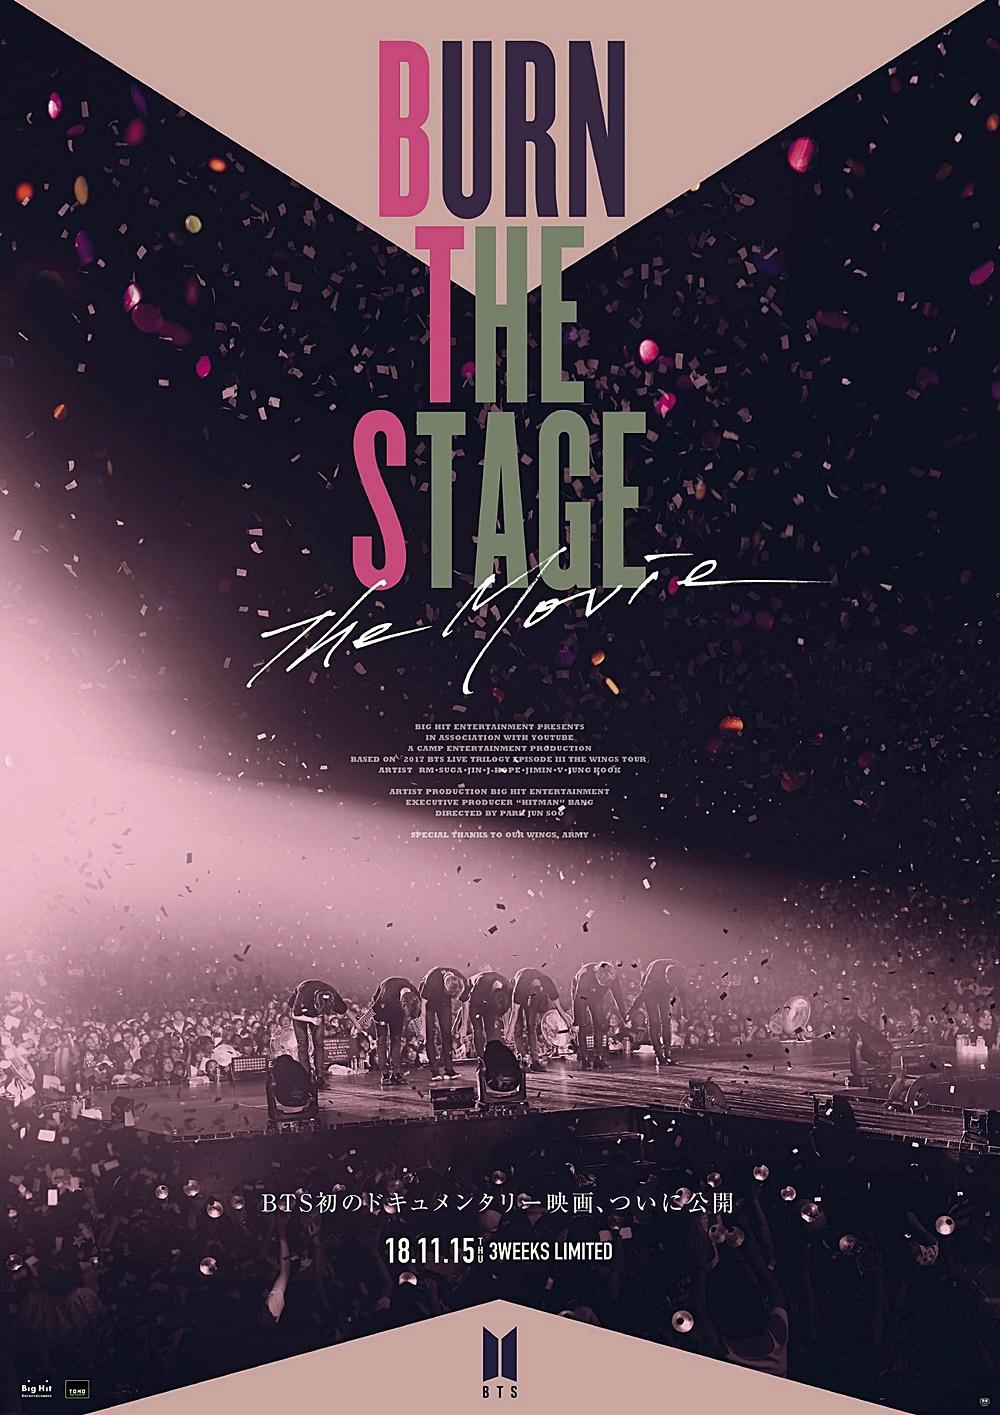 【画像】映画『Burn the Stage : the Movie』ポスタービジュアル